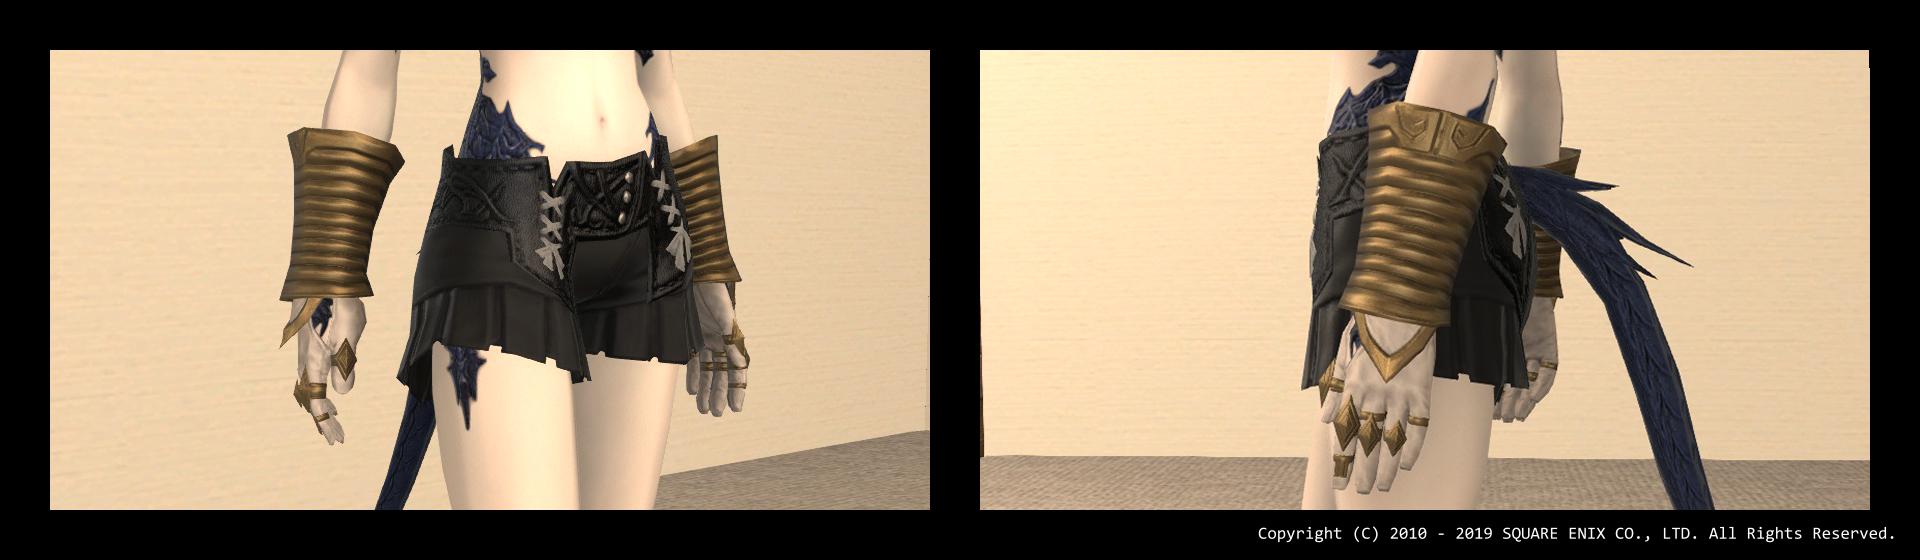 440-whmschast-hands